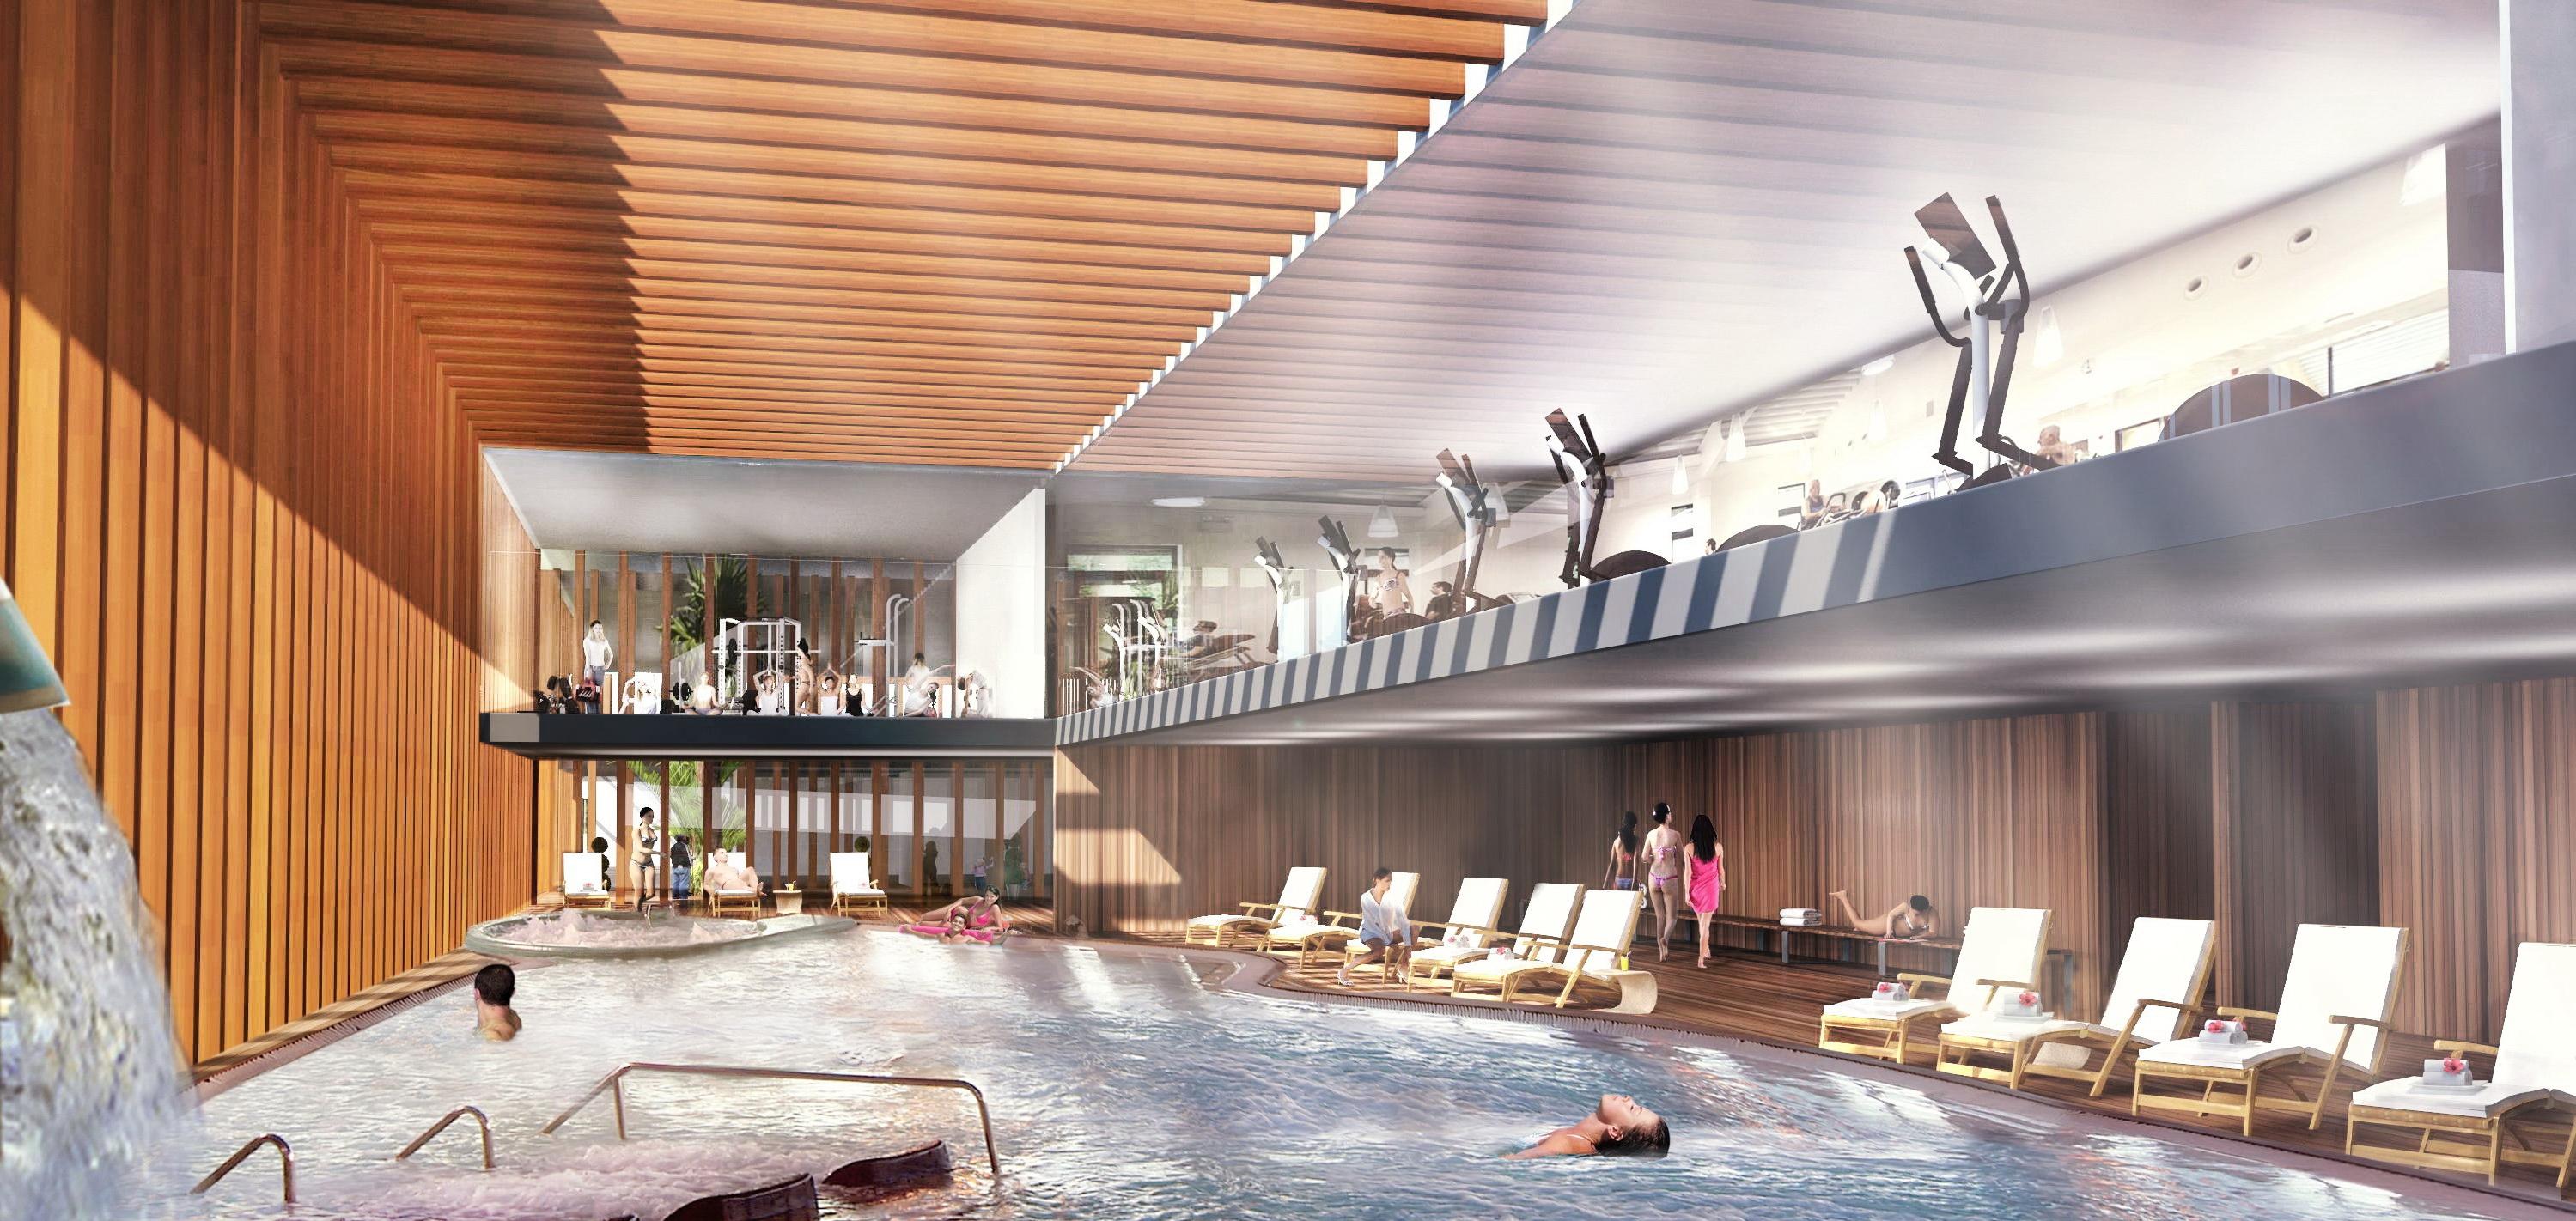 SPORT - Spa-Wellness Center - Rio de Janeiro, Brazil